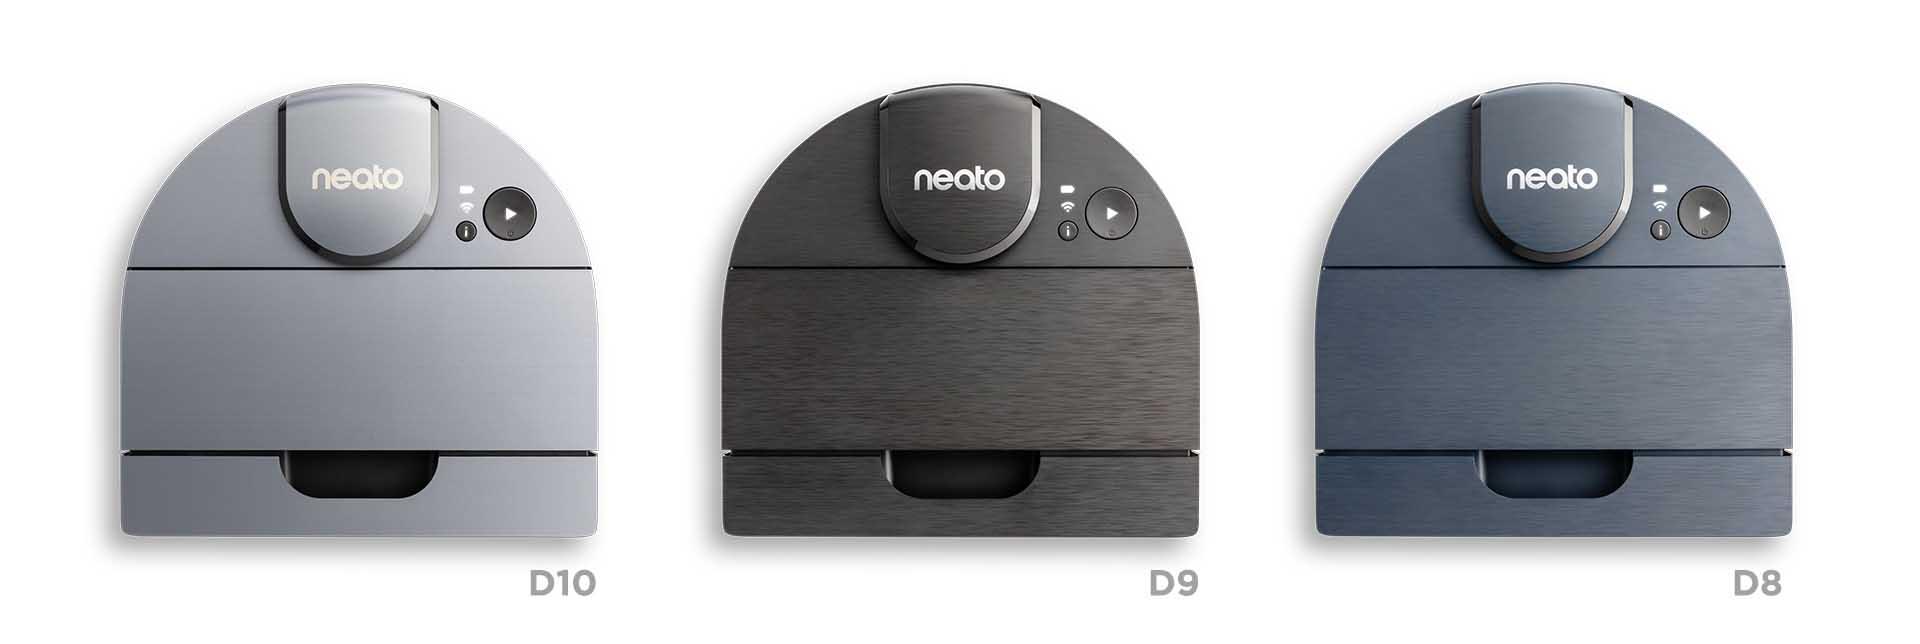 IFA 2020, la prossima generazione di robot aspirapolvere premium firmata Neato